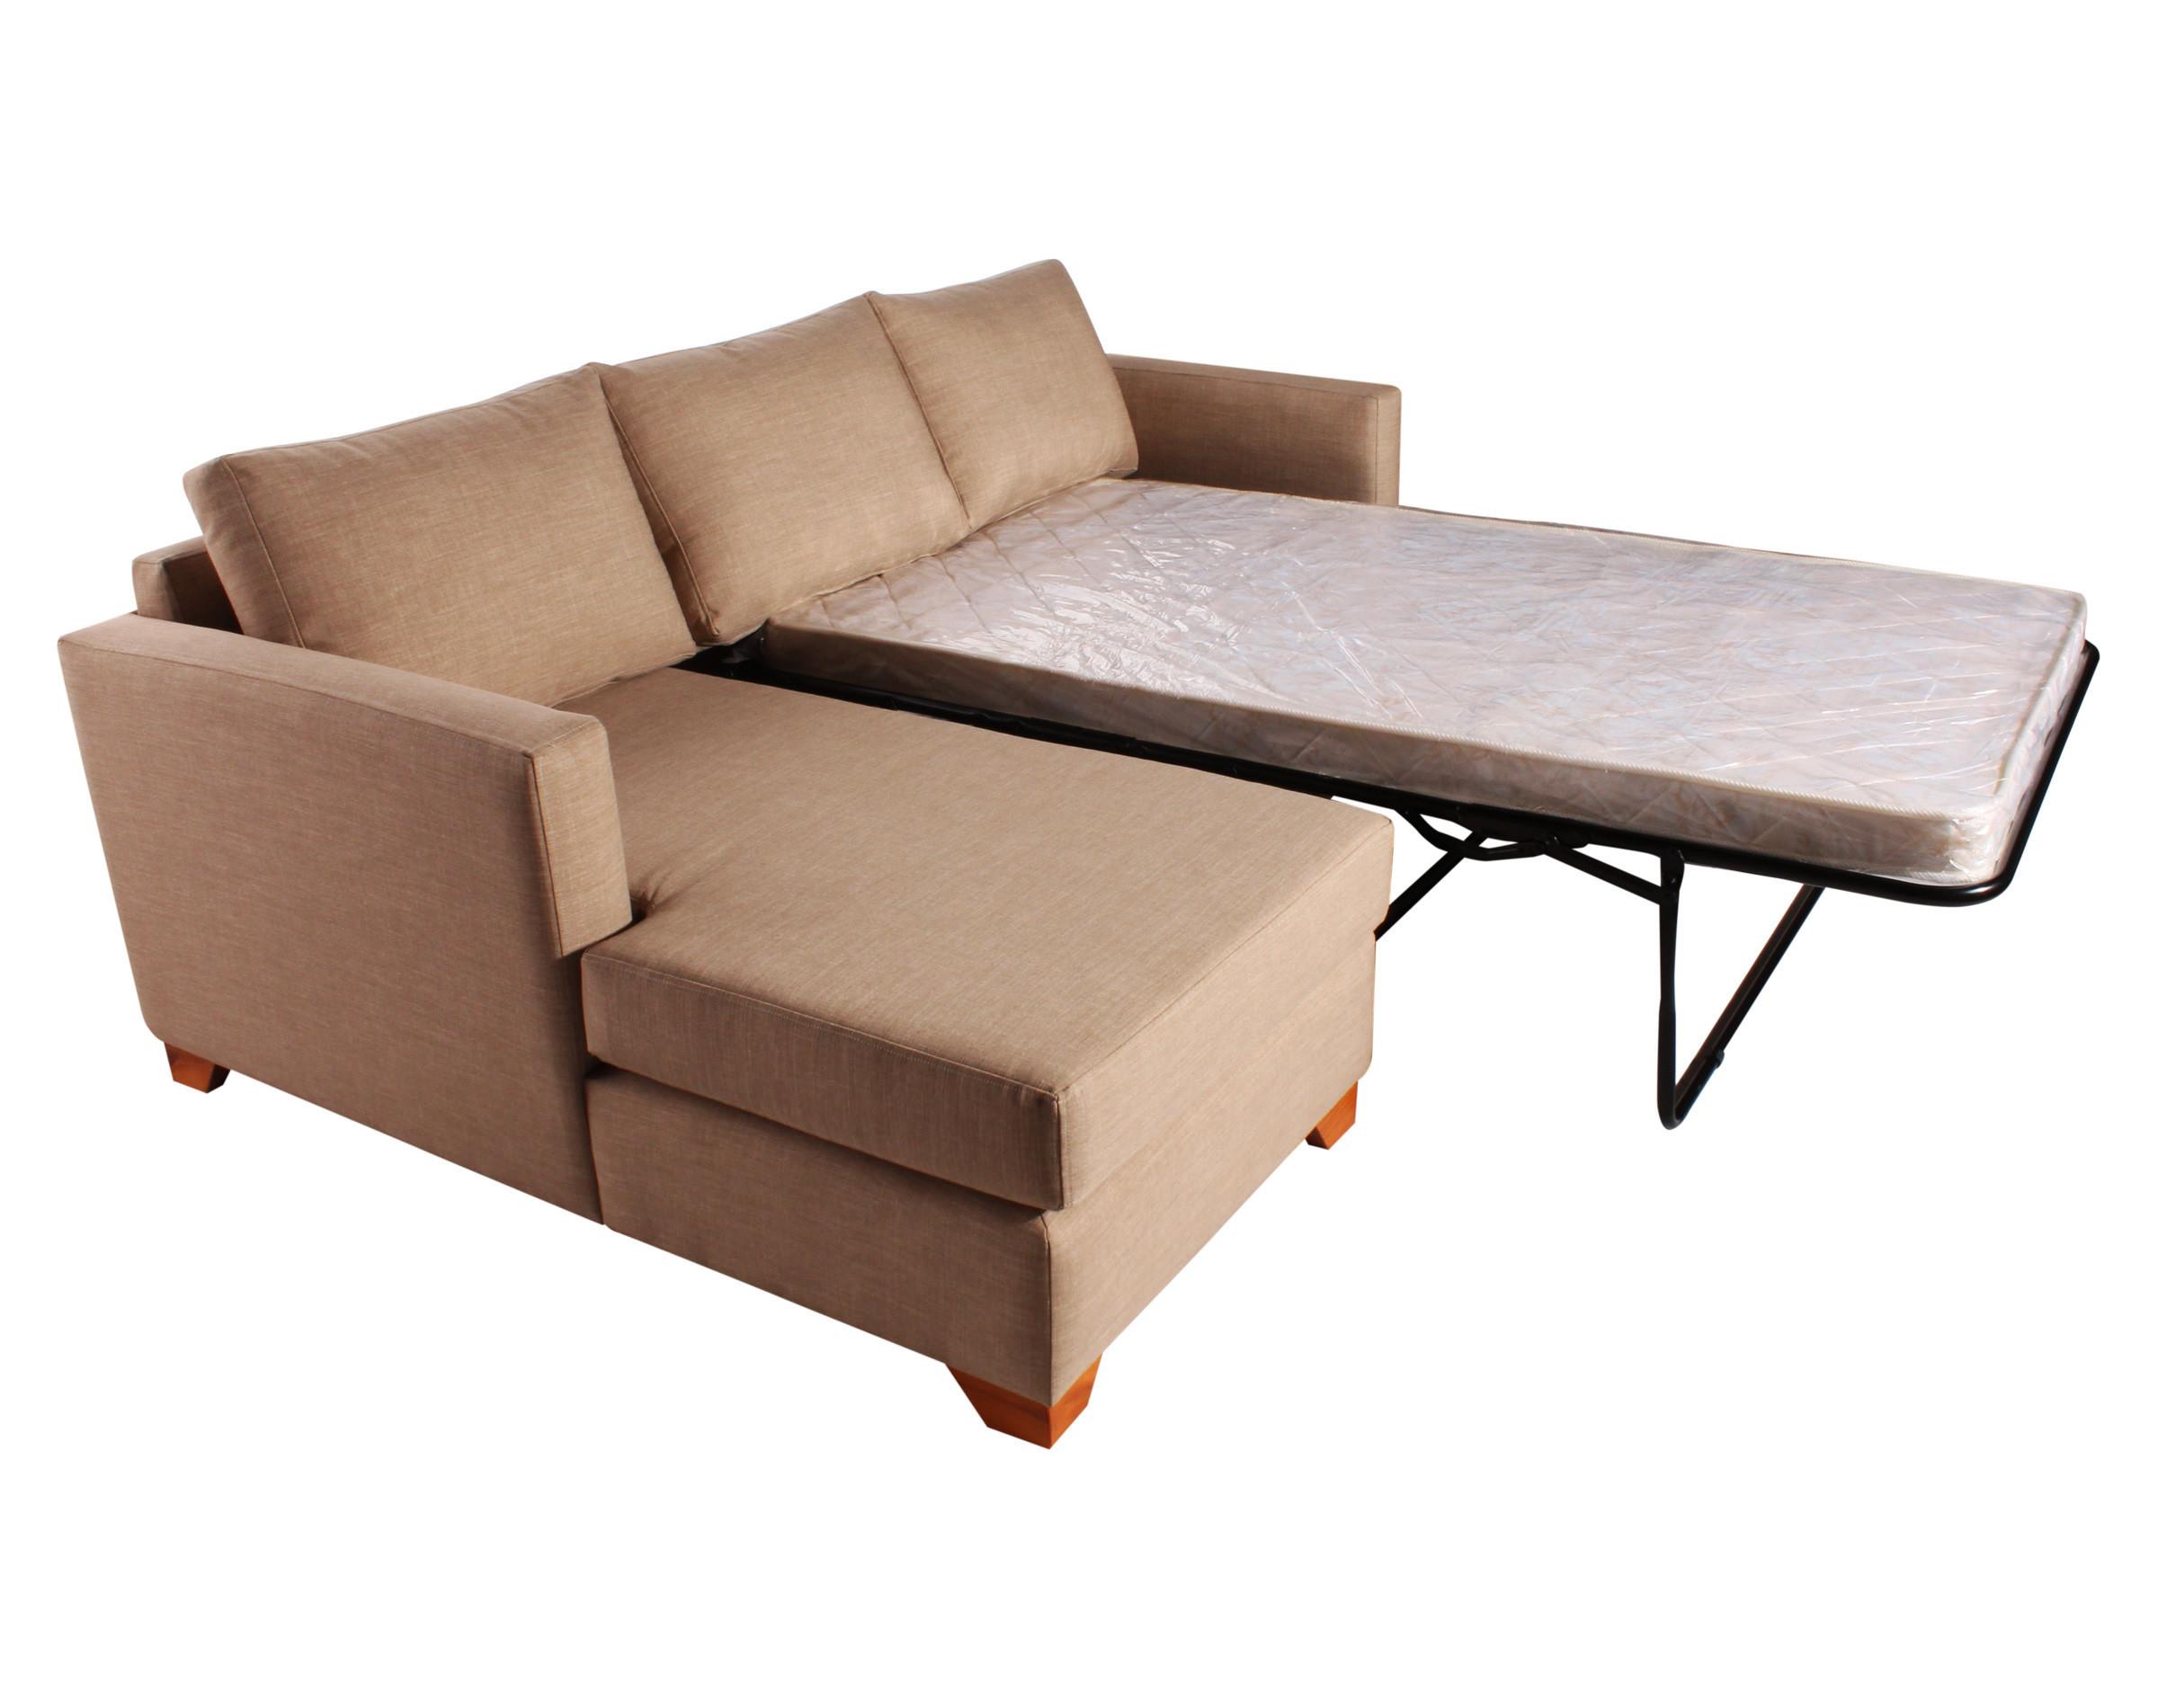 Sofa cama seccional izquierdo Bariloche 226x150cm abierto lateral